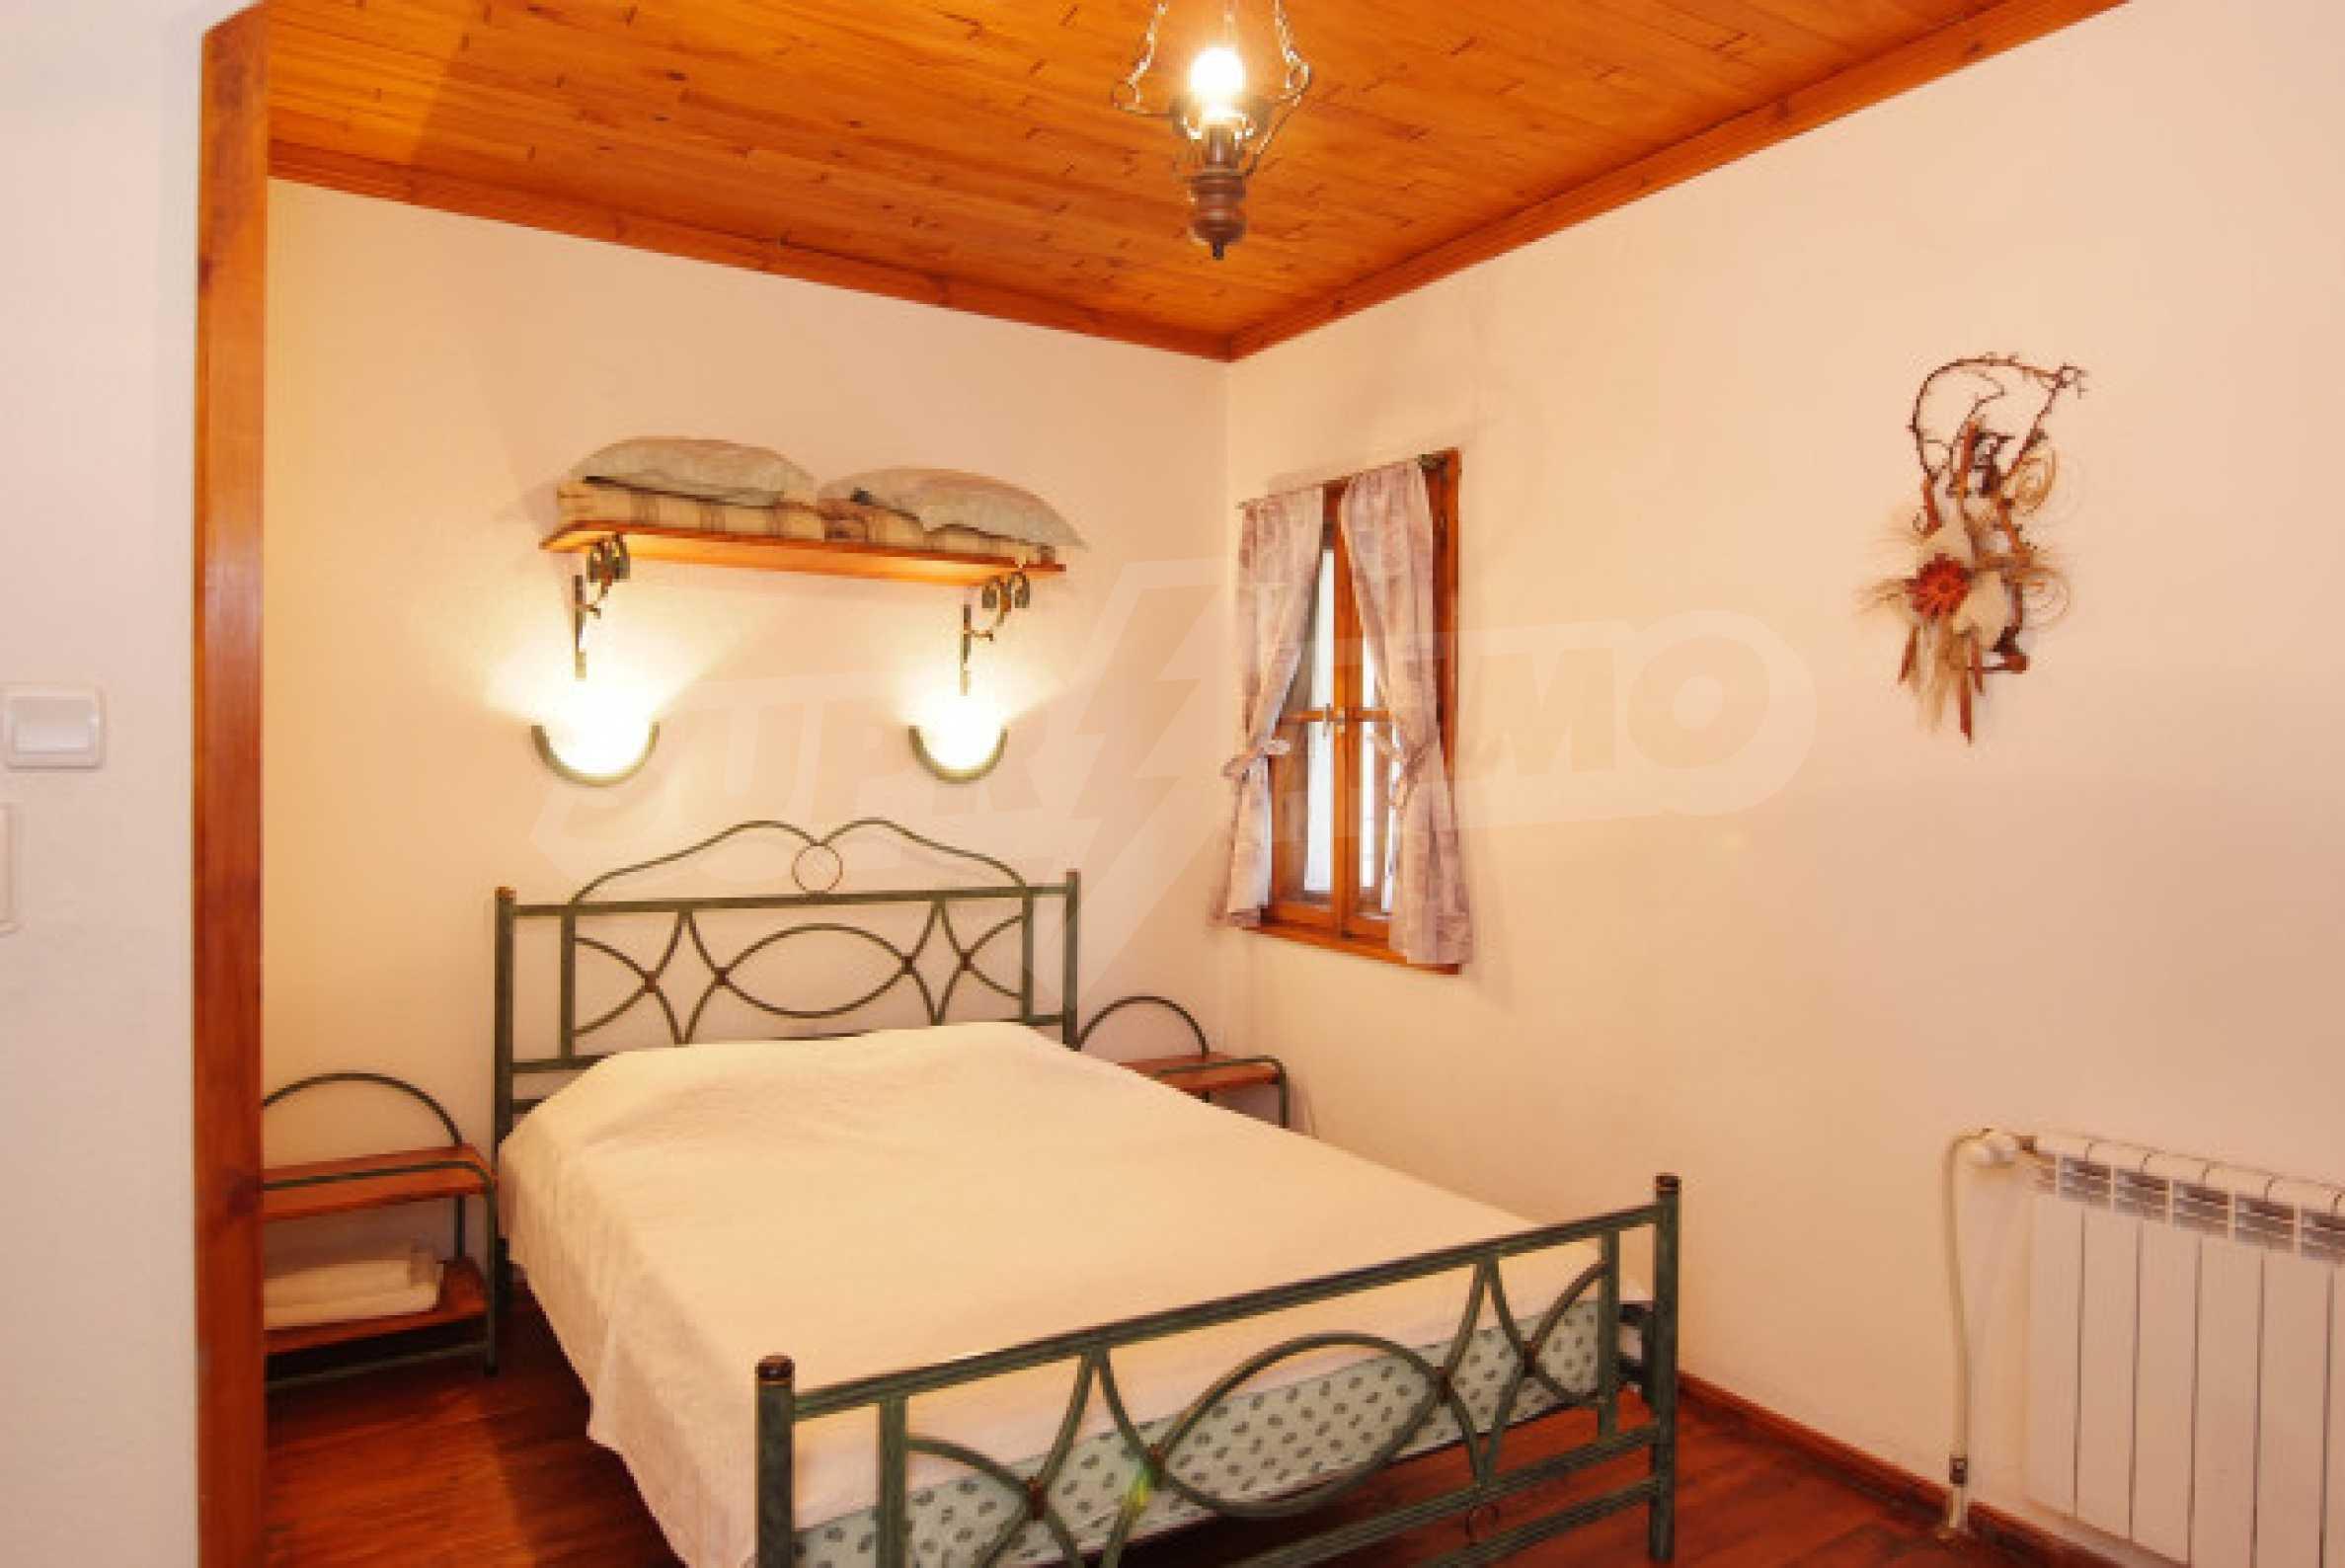 Семеен хотел в центъра на град Мелник 20